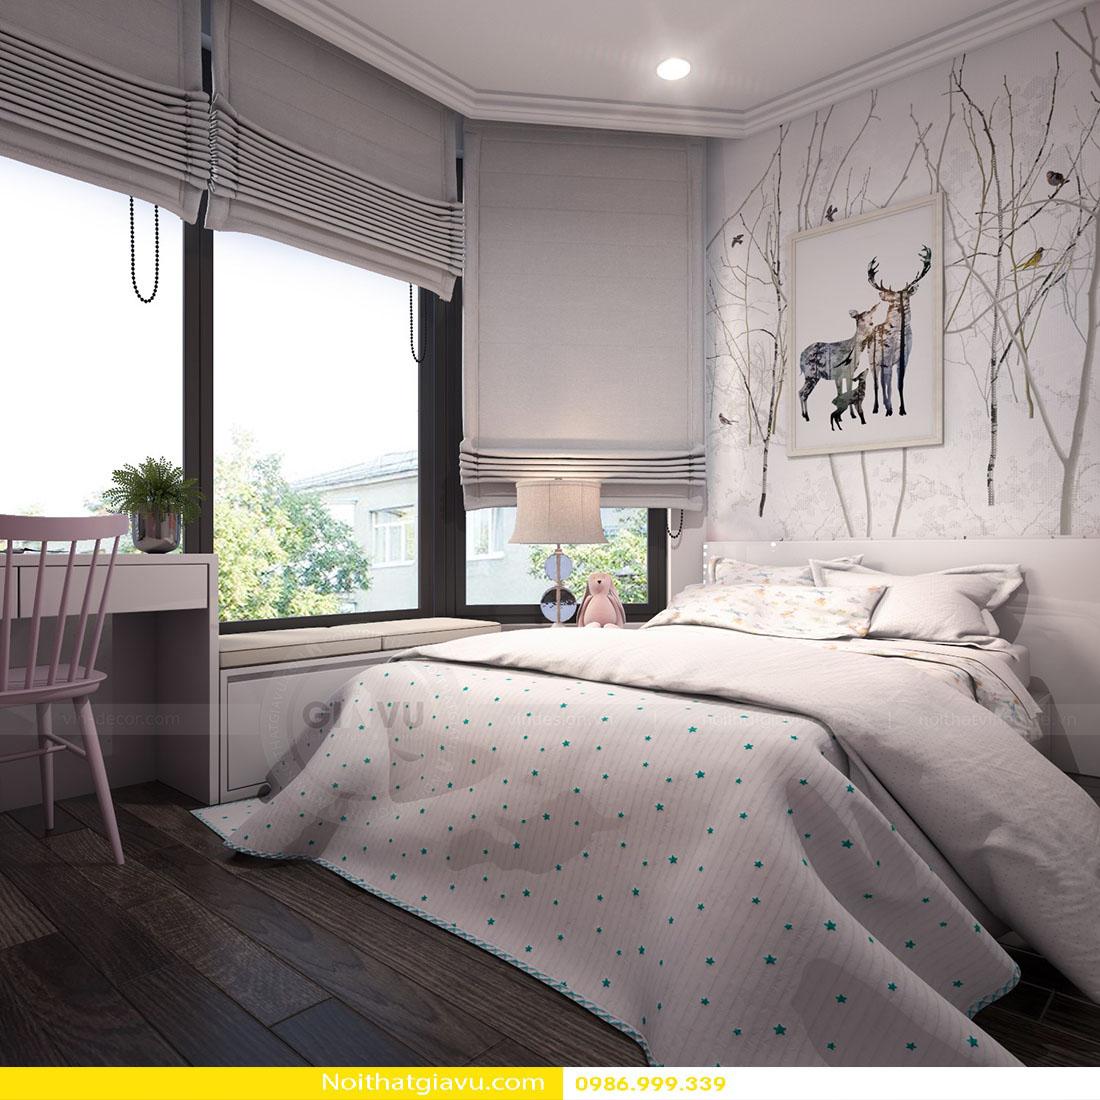 mẫu thiết kế nội thất phòng ngủ chung cư đẹp hiện đại 2018 02